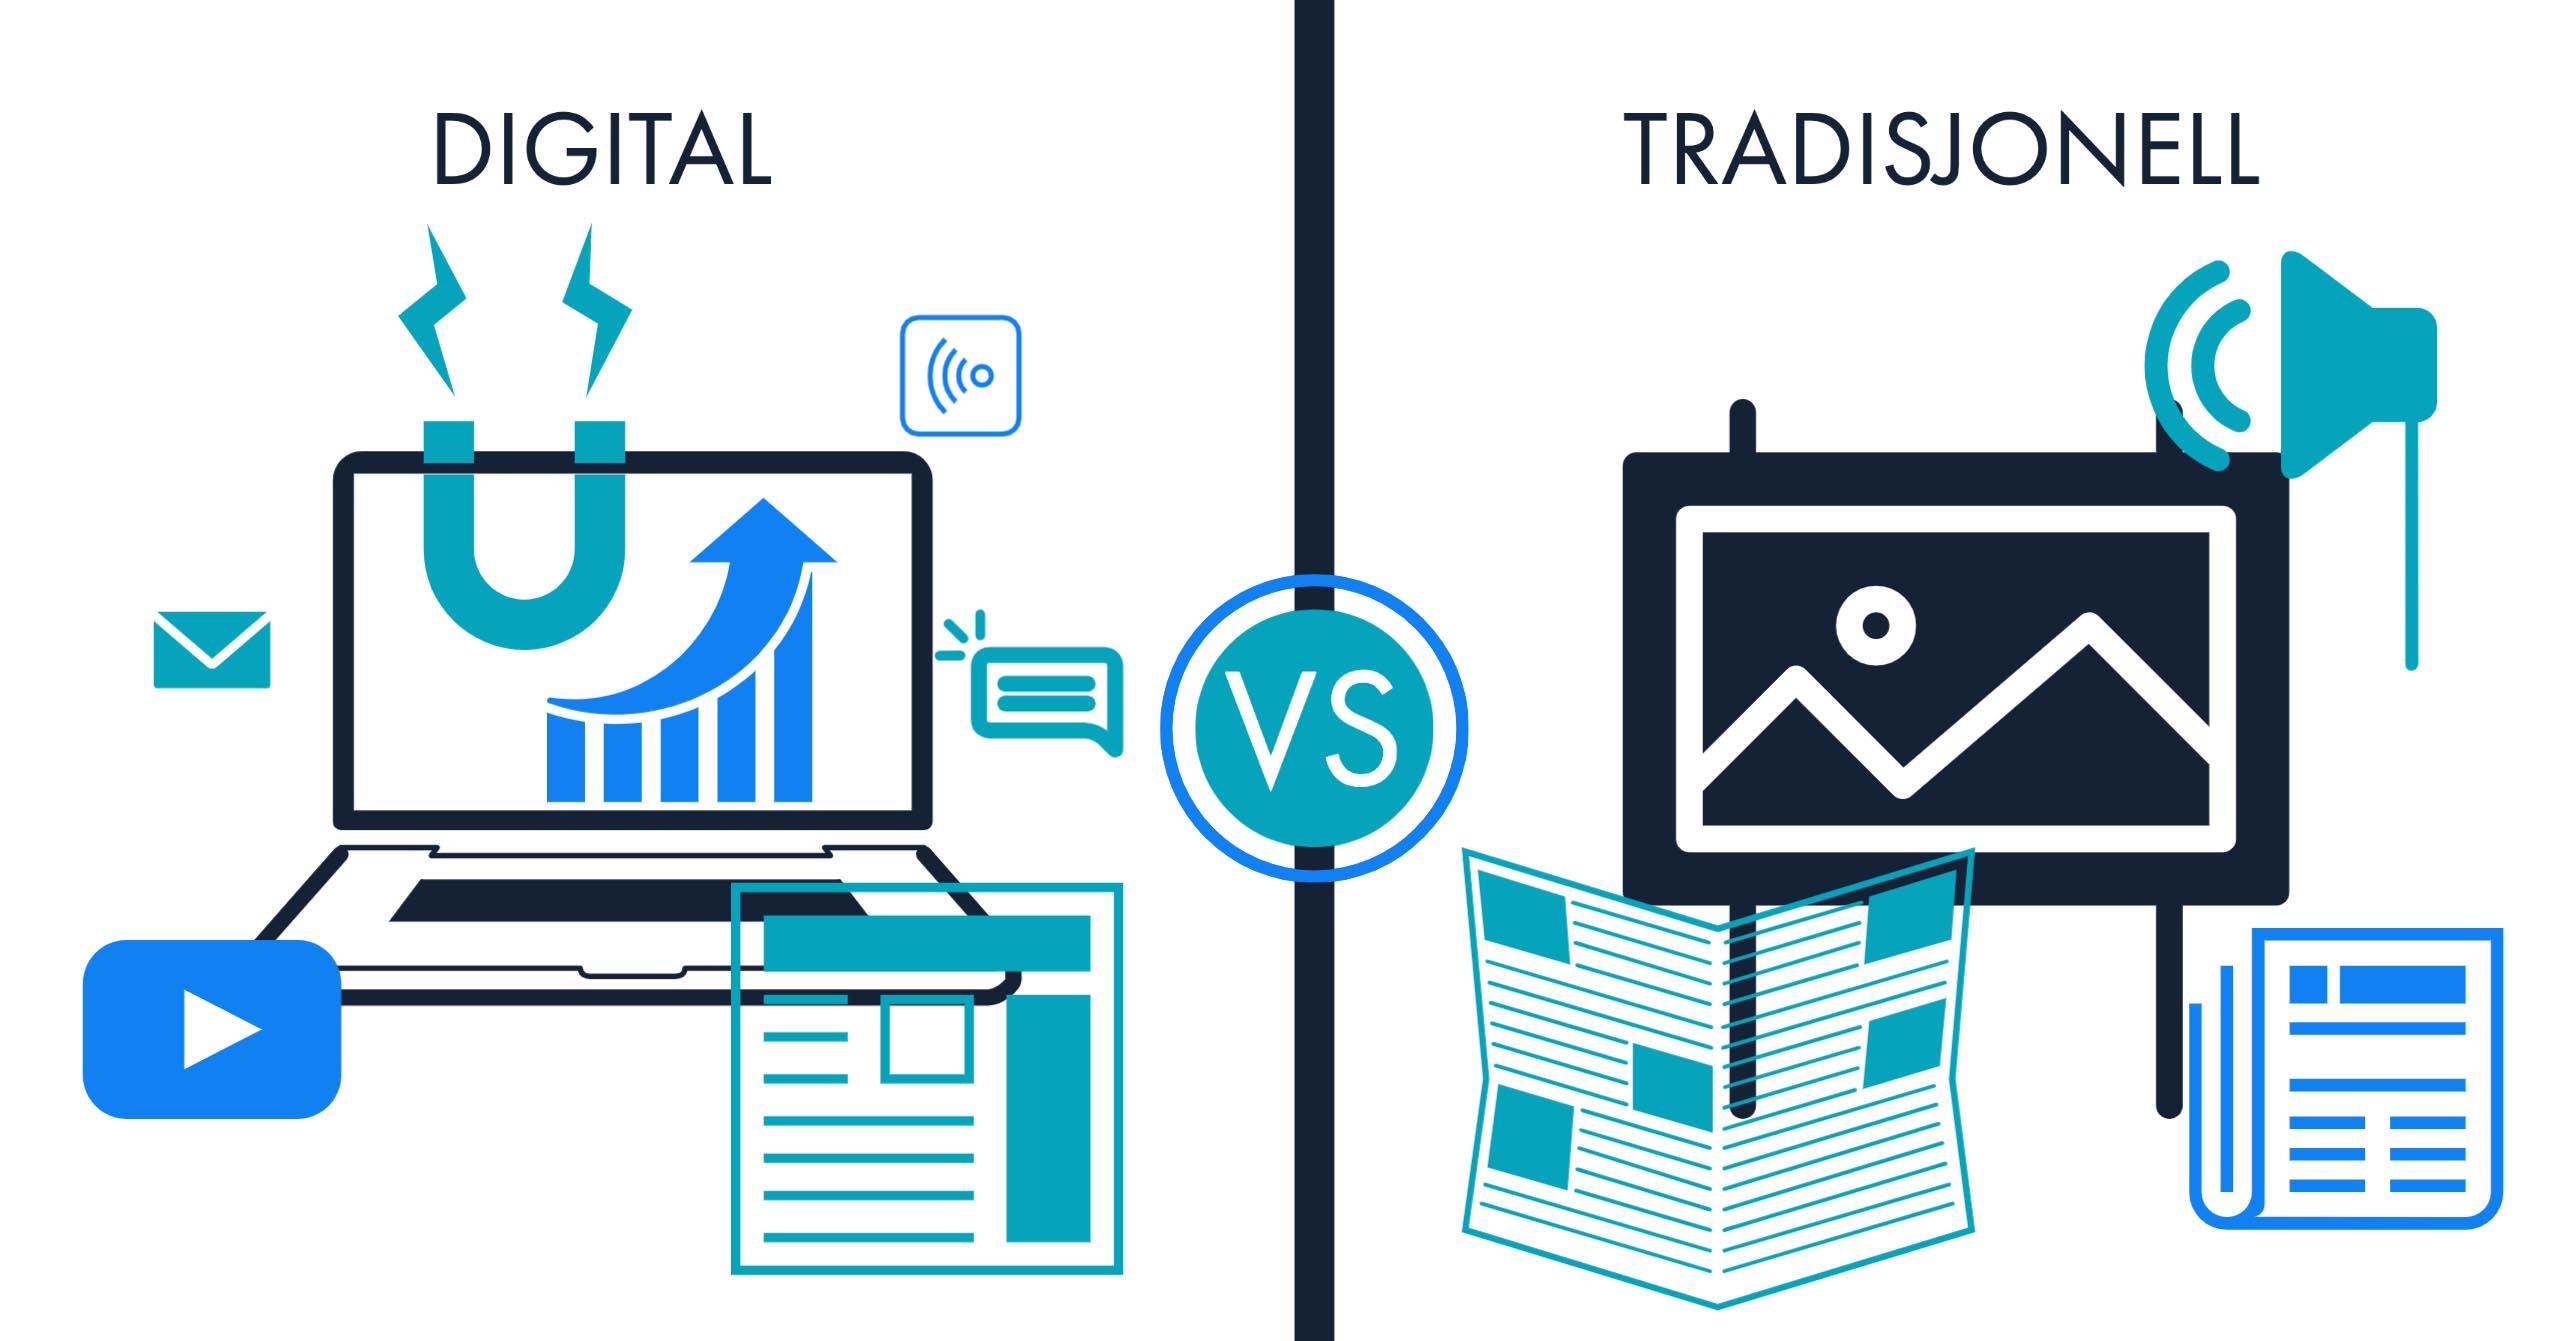 Hva er digital markedsføring og hva er forskjellen fra ...